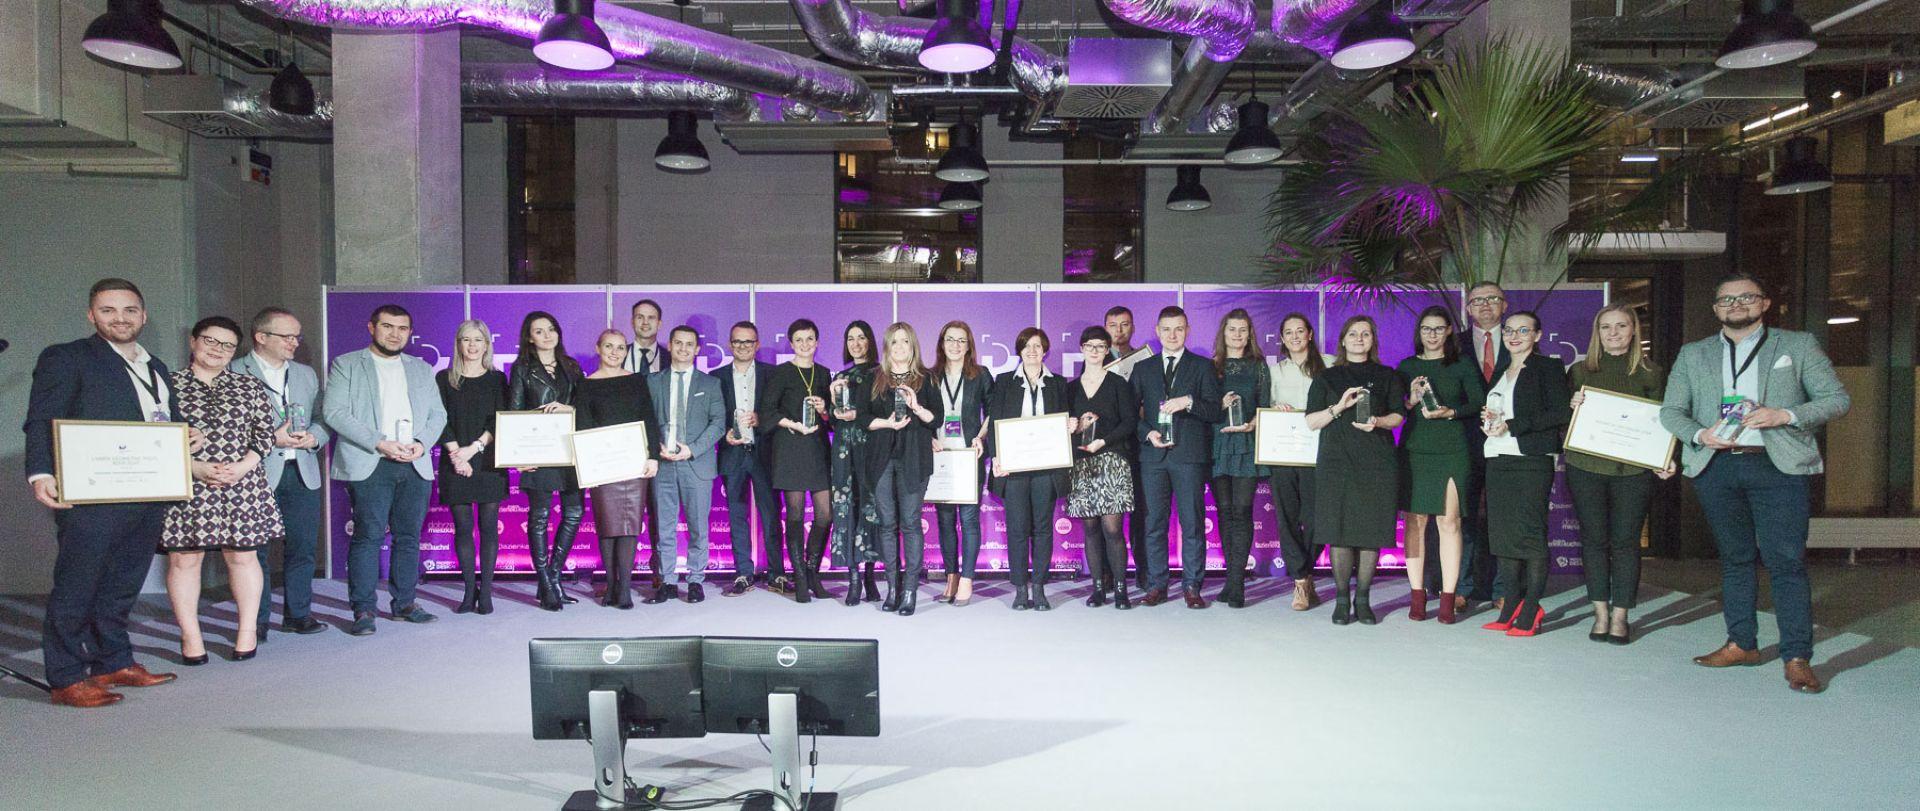 Dobry Design 2019: zwycięzcy i wyróżnieni w konkursie. Fot. Marek Misiurewicz